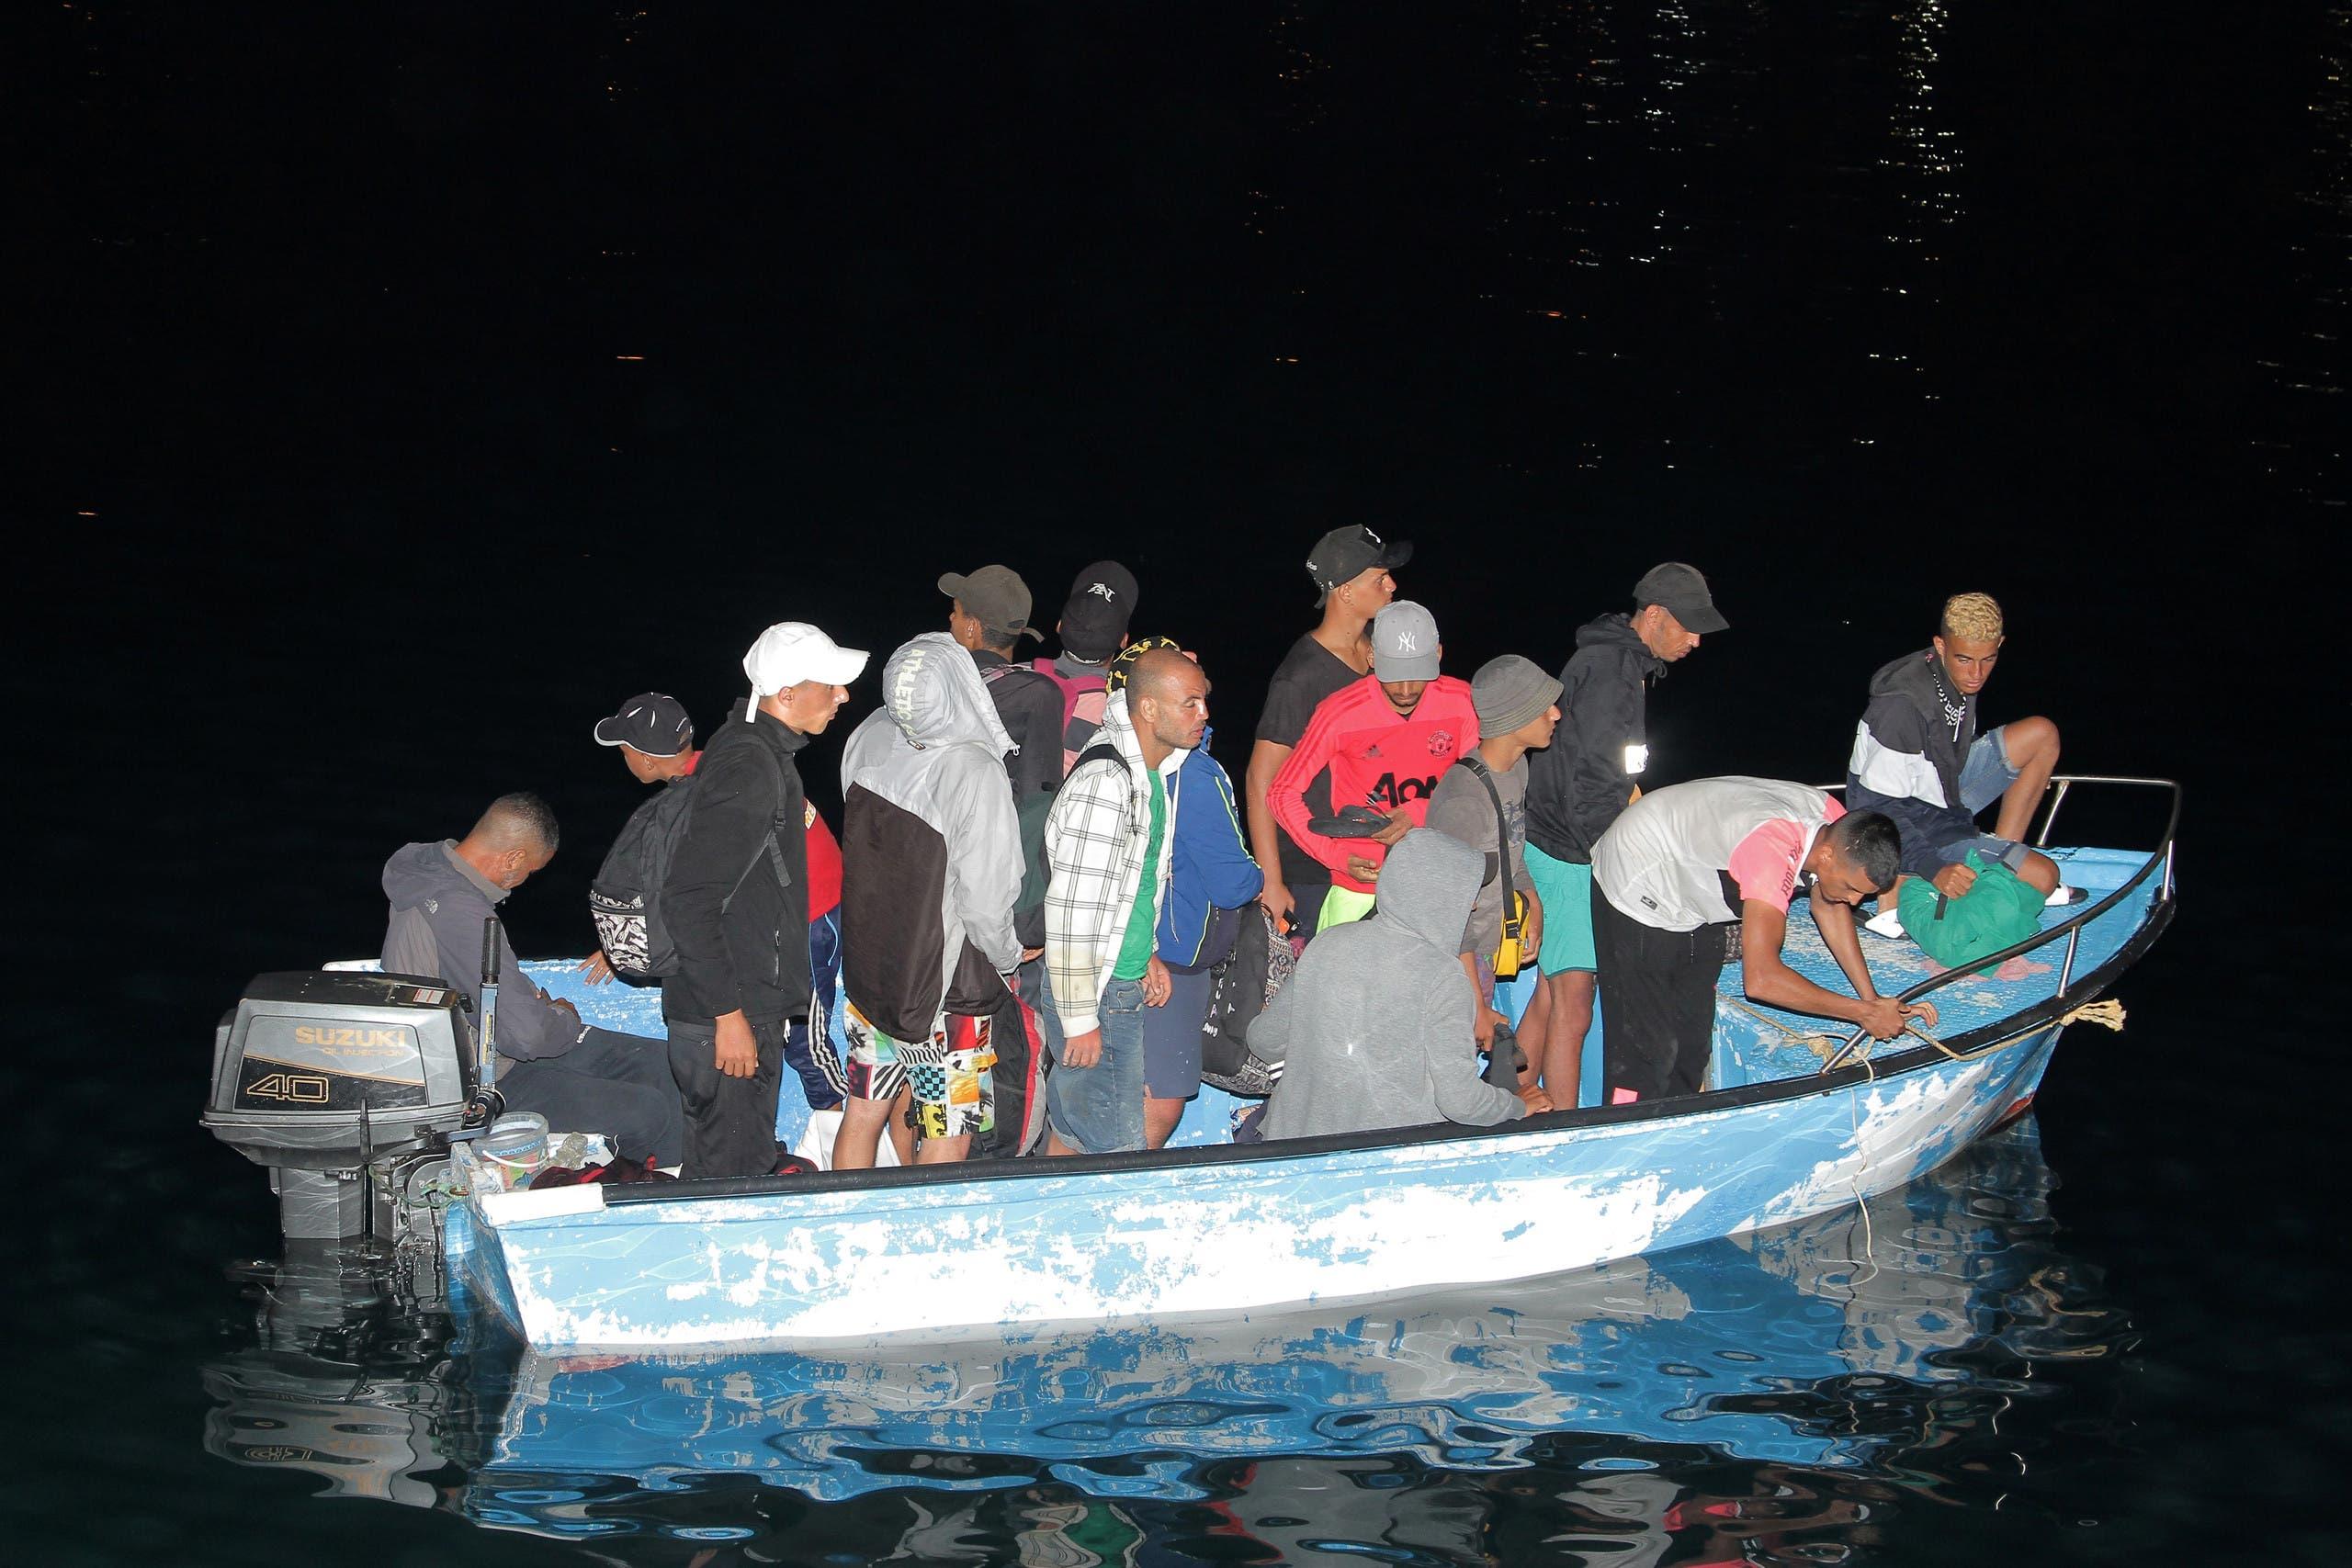 قارب مهاجرين من تونس يصل إلى لامبيدوزا